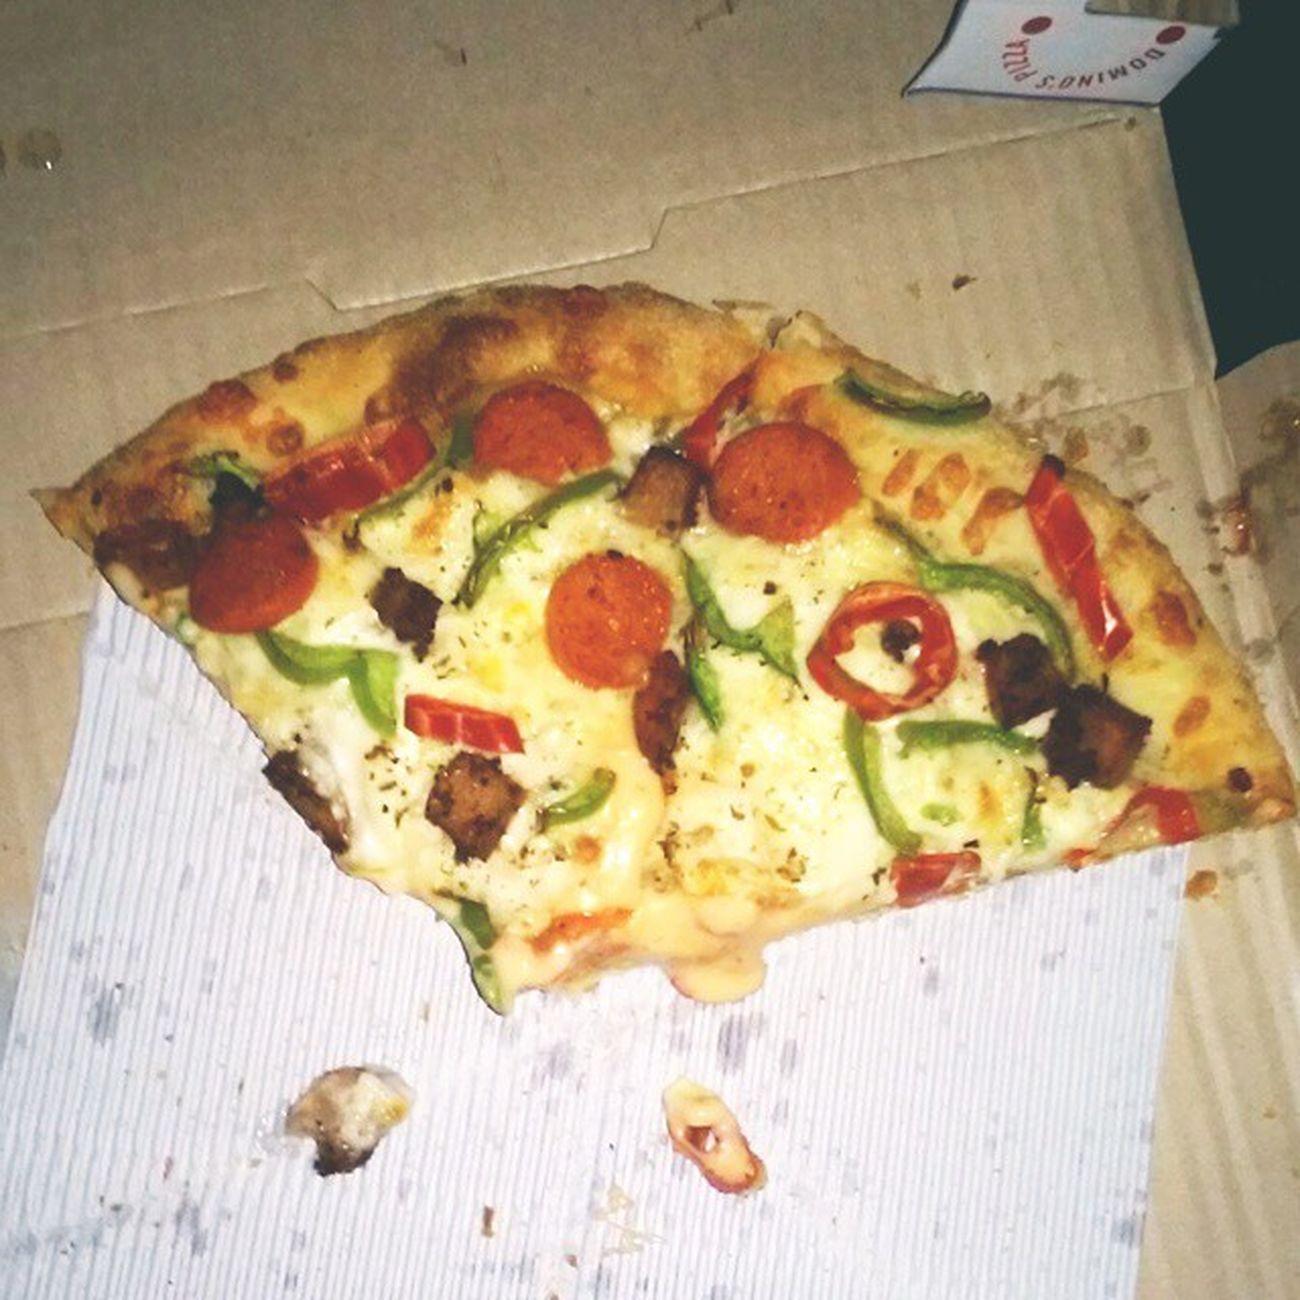 Pizza_pizza😘😘😘😘😘 Dominoz Yummy